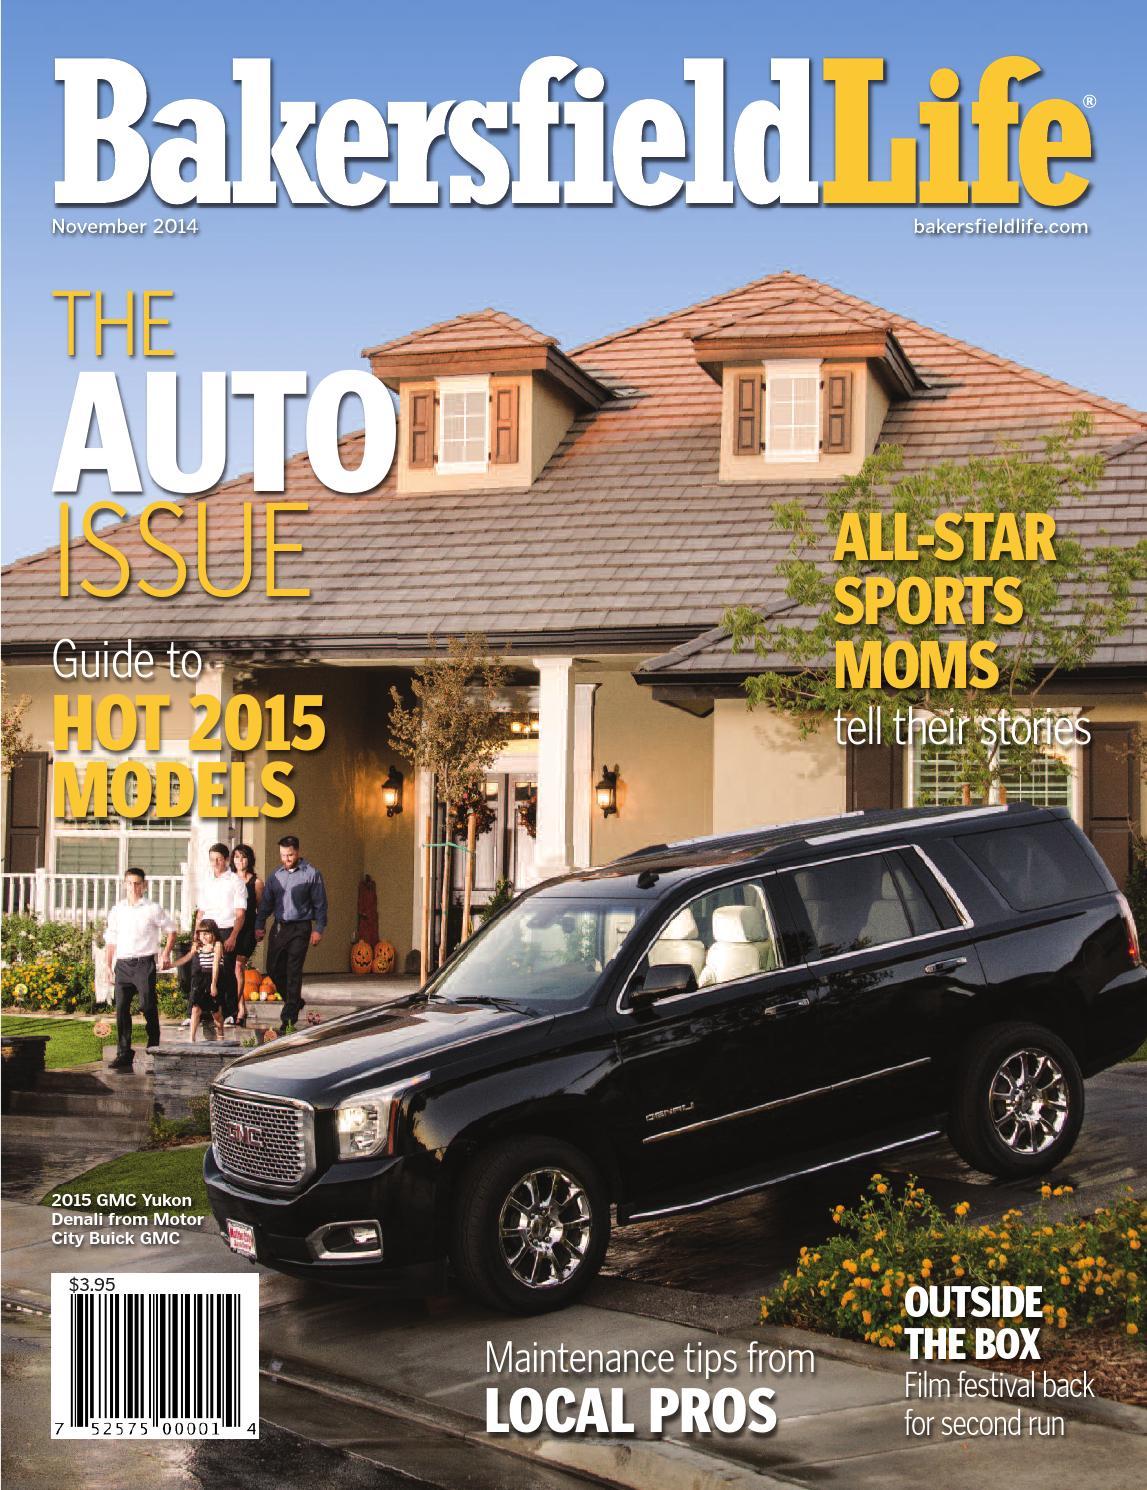 Bakersfield Life Magazine November 2014 By Tbc Media